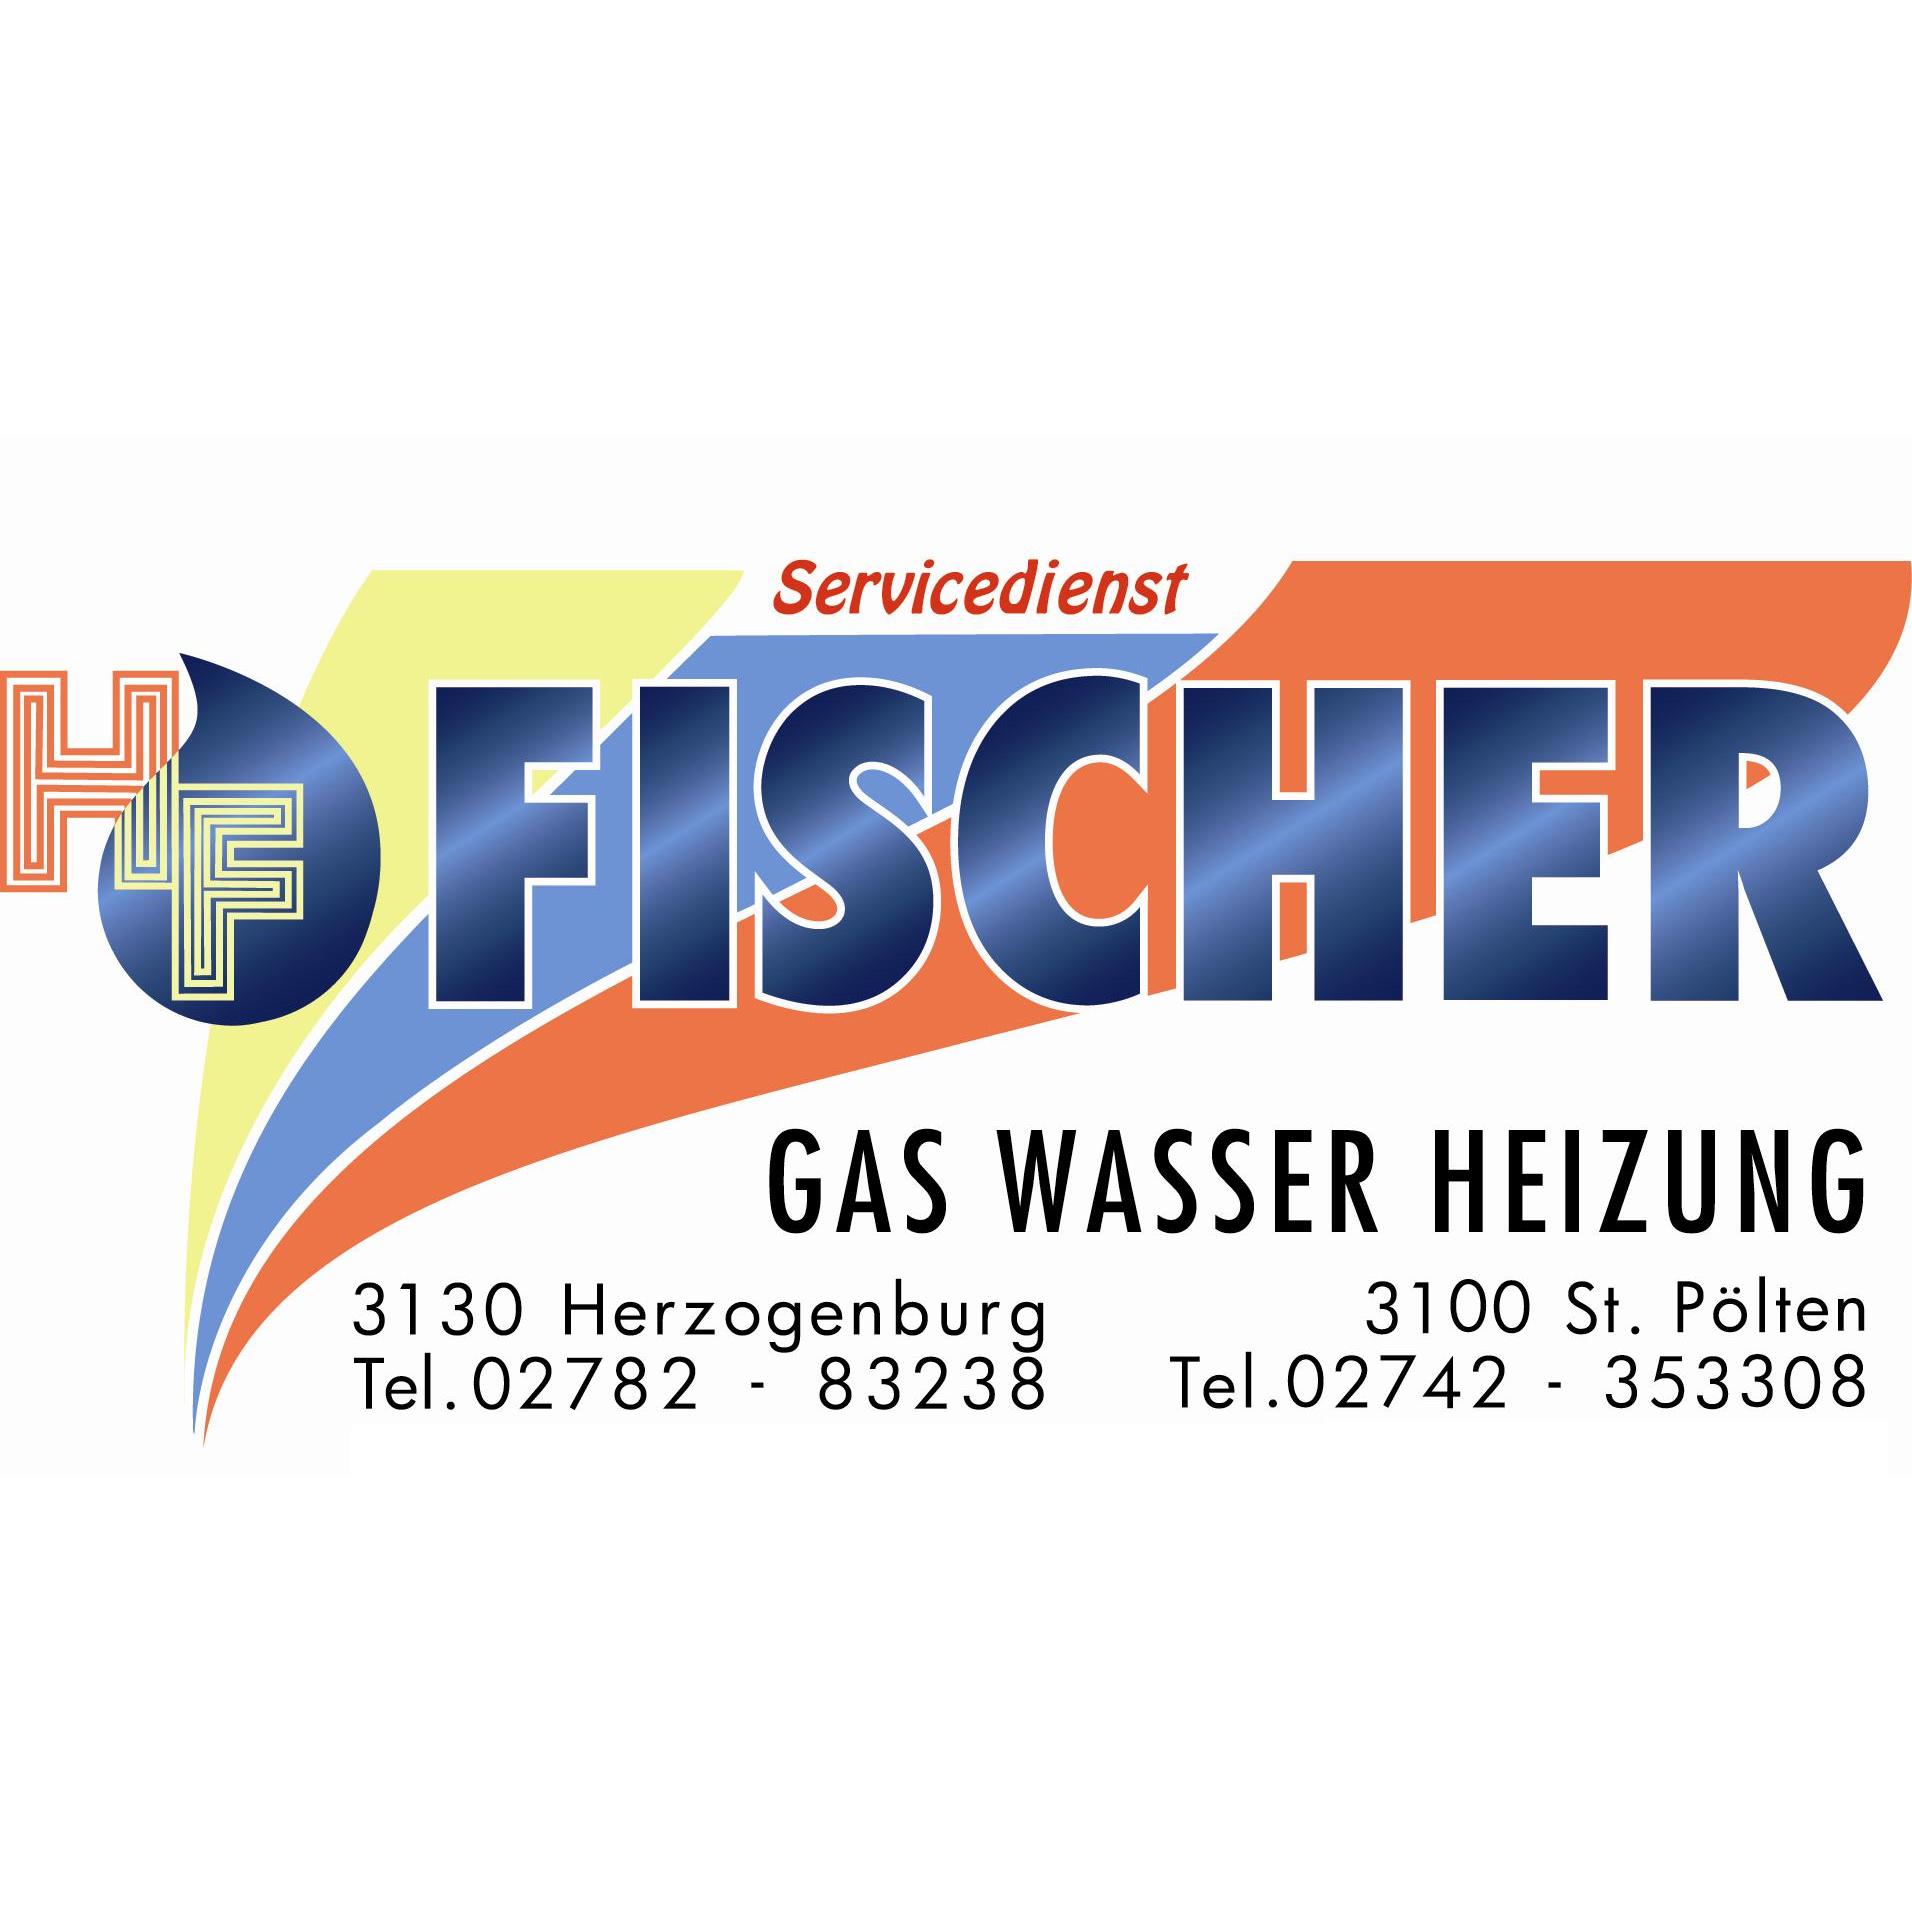 Fischer Heinz GmbH